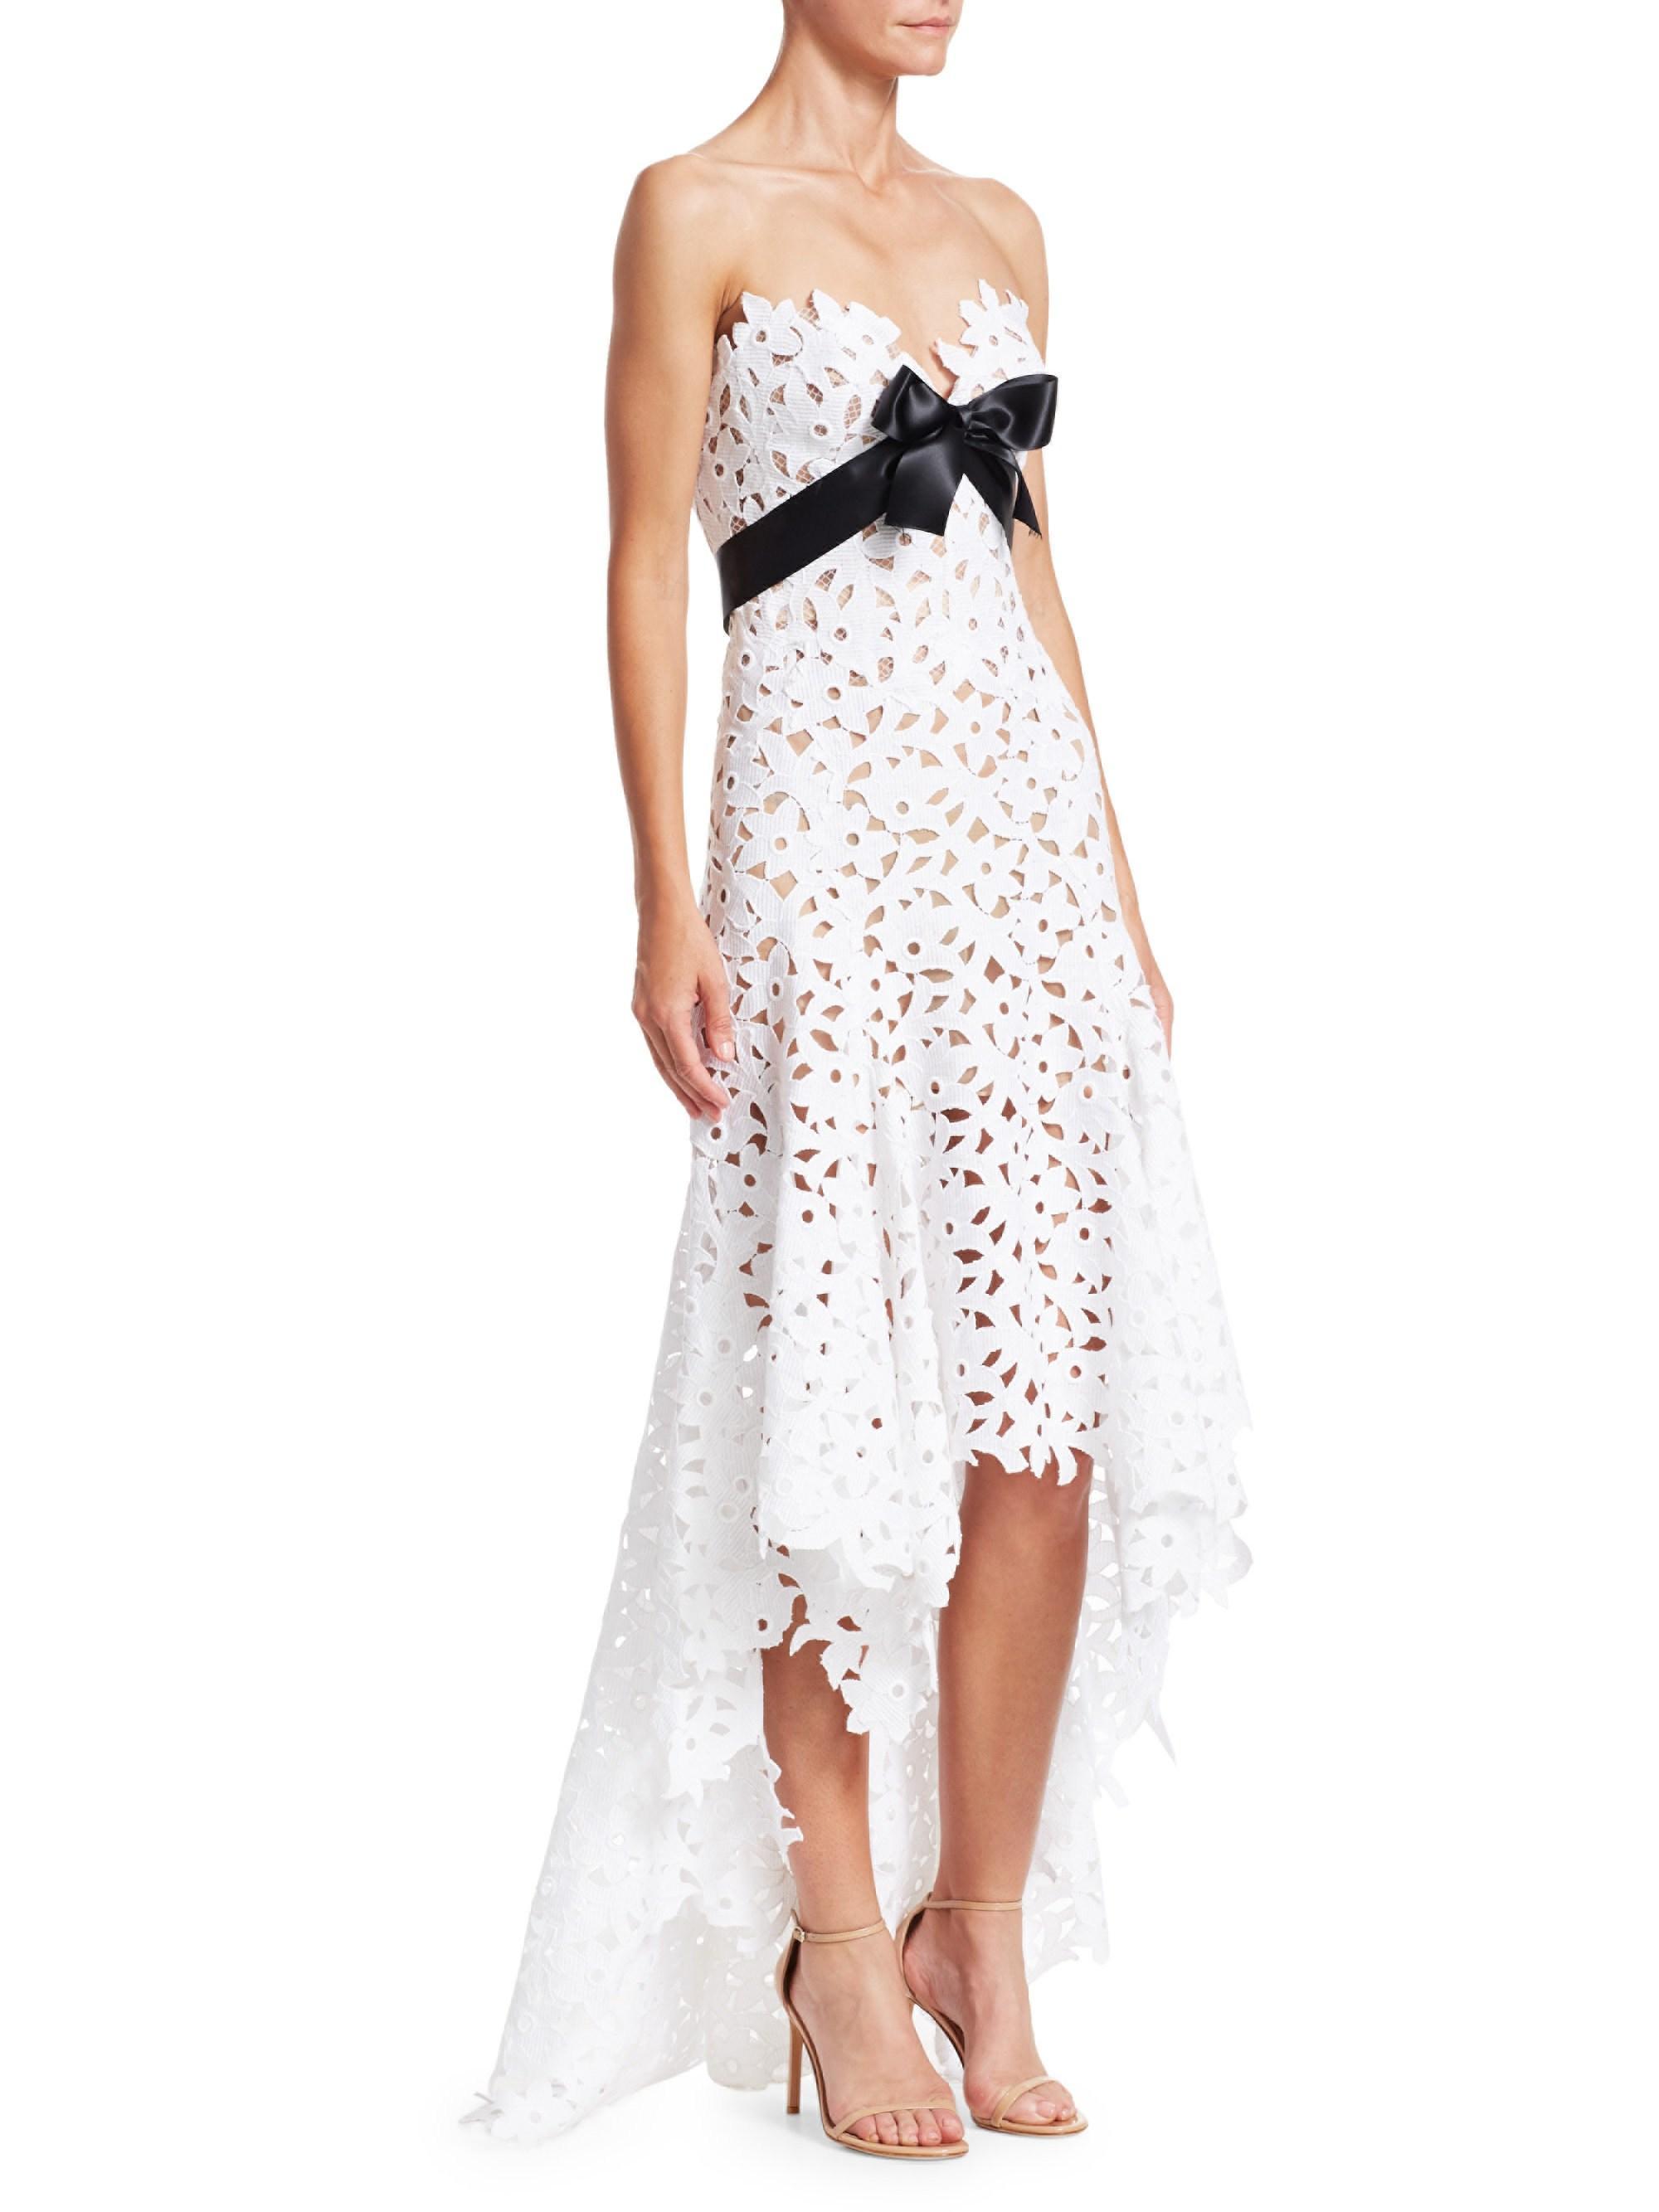 3571621b9b04 Oscar de la Renta Women's Strapless Sweetheart High-low Lace Gown ...